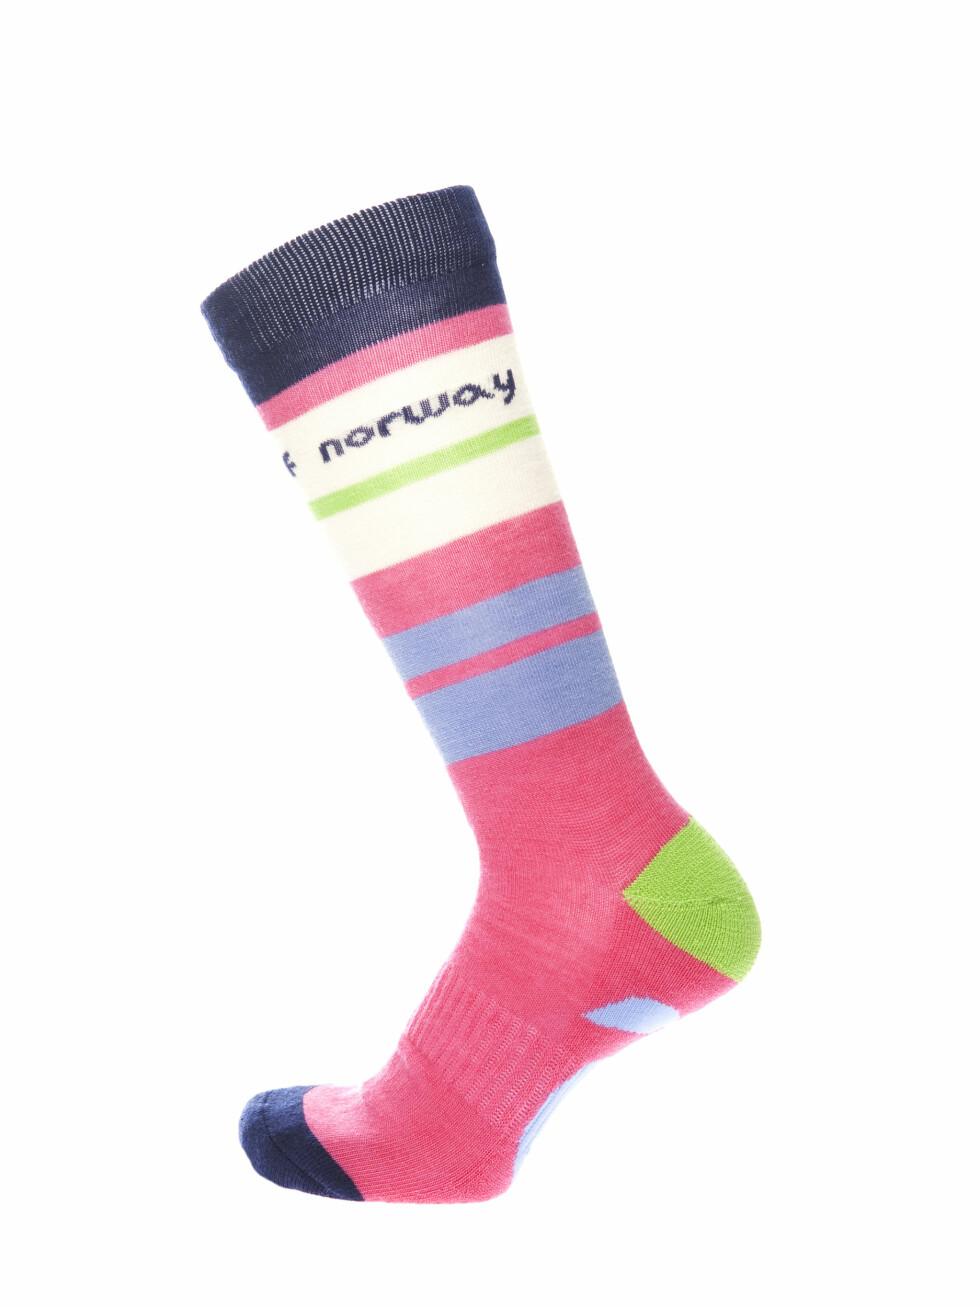 Kortere sokker - 199 kroner.  Foto: Produsenten